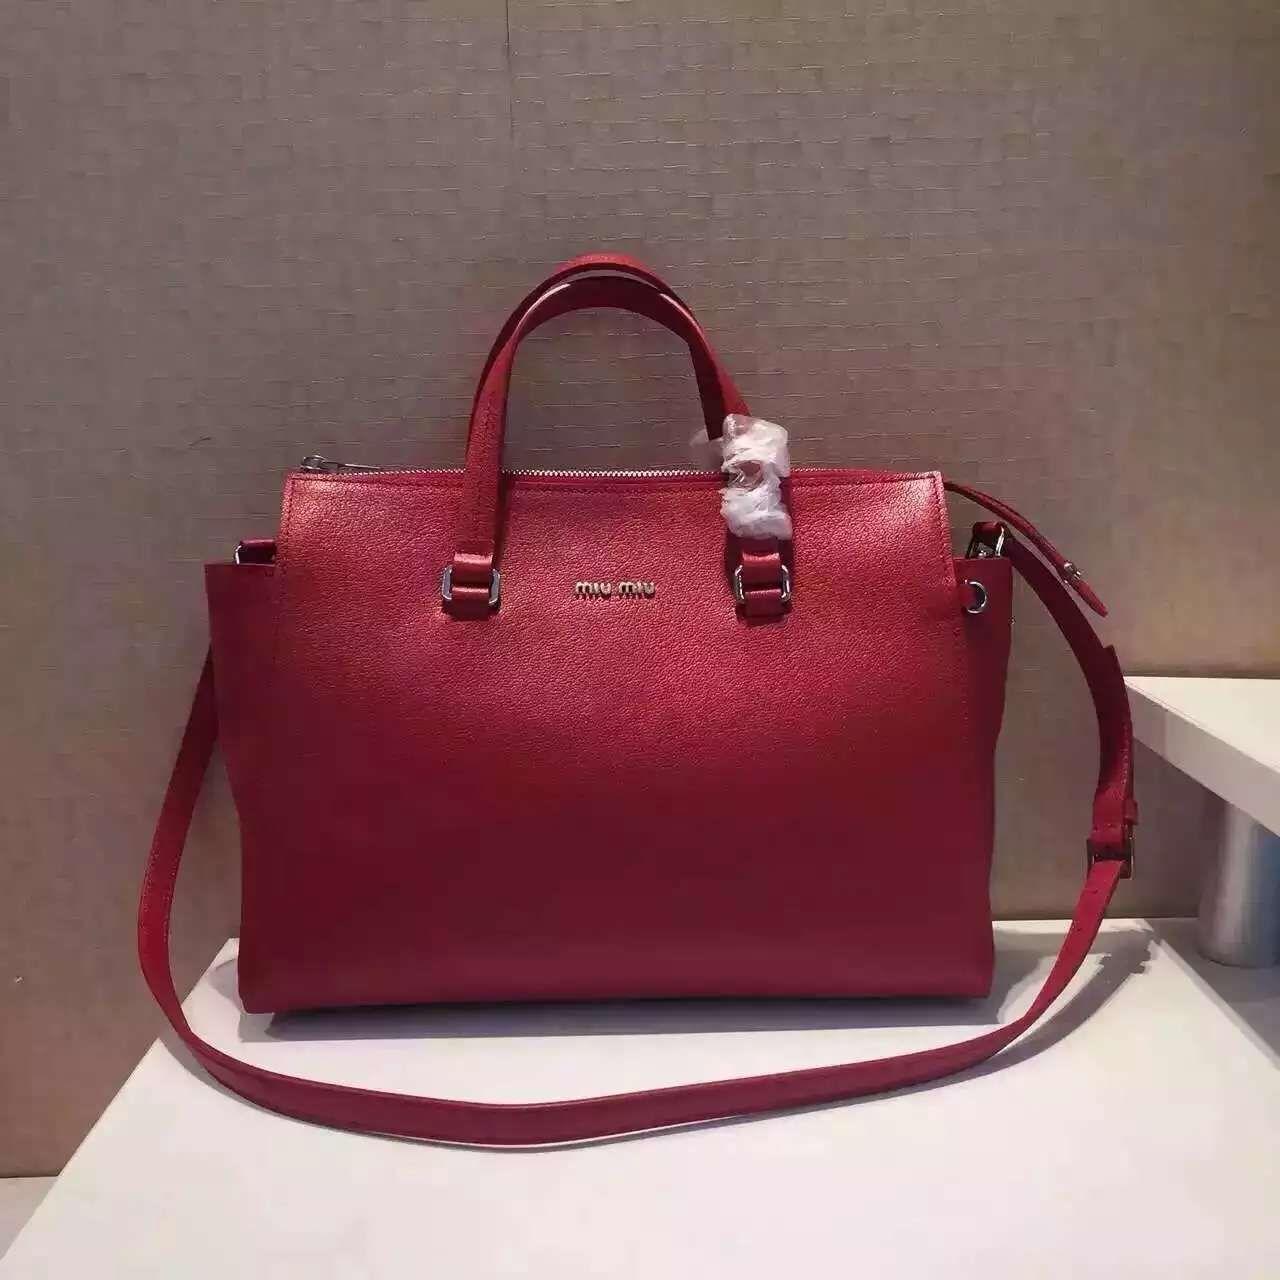 www.etsy.com shop dorilaclothes Miu Miu Handbags 6a5c2a5994